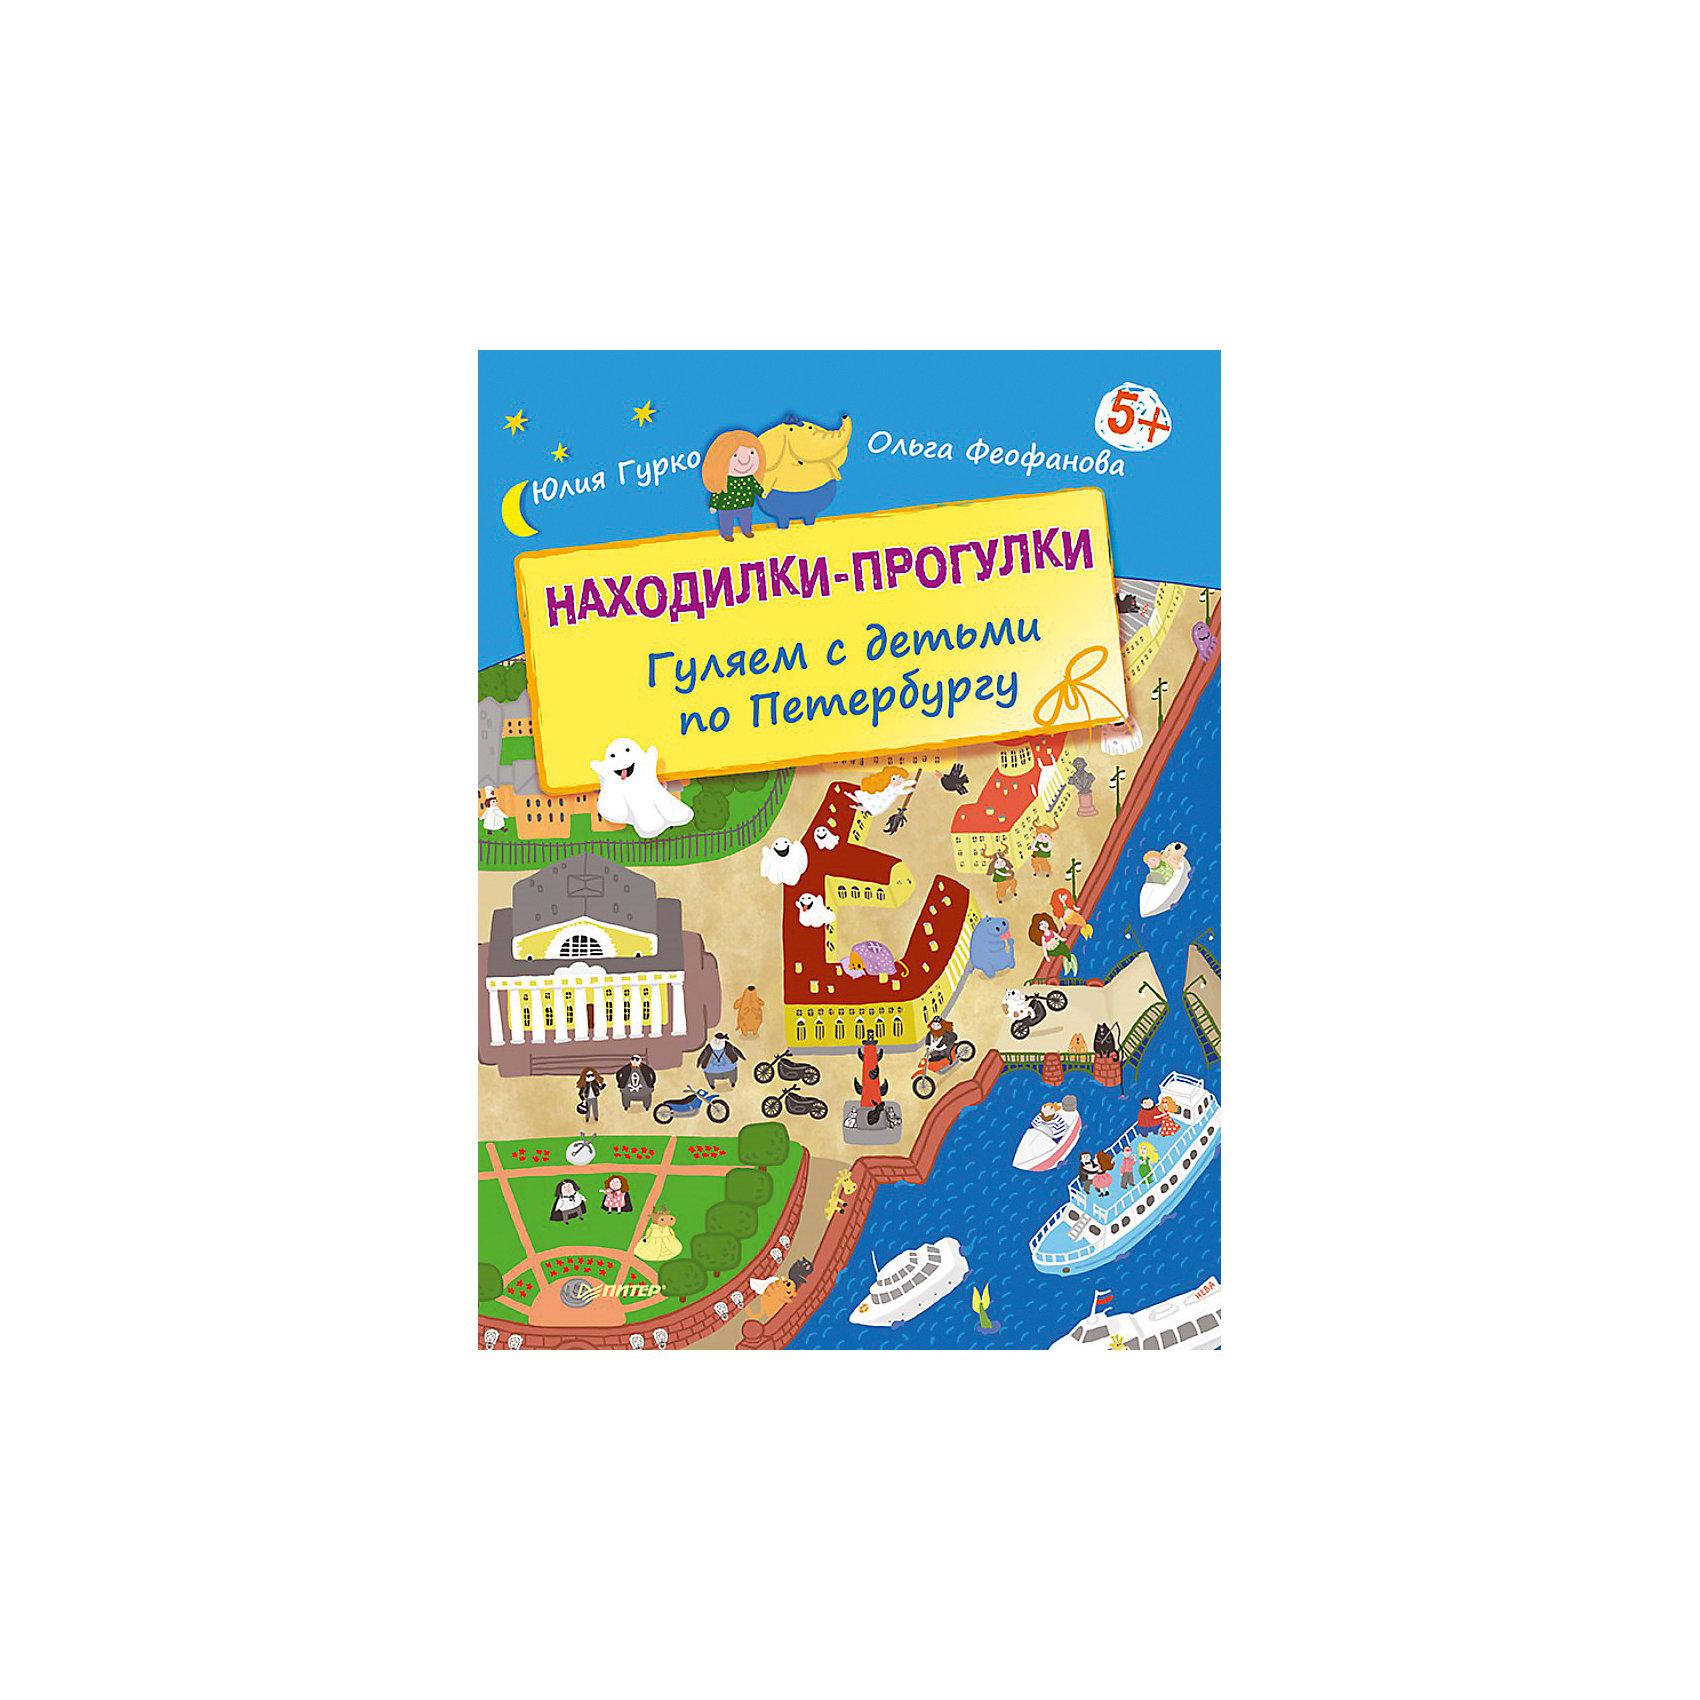 Находилки-прогулки: гуляем с детьми по ПетербургуКроссворды и головоломки<br>Характеристики:<br><br>• возраст: от 6 лет<br>• автор: Феофанова Ольга, Гурко Юлия<br>• издательство: Питер, 2017 г.<br>• тип обложки: картонная обложка<br>• иллюстрации: цветные<br>• количество страниц: 16 (картон)<br>• размер: 31,2х22,5х0,8 см.<br>• вес: 384 гр.<br>• ISBN: 9785496013192<br><br>Гуляй по Петербургу и находи самые интересные достопримечательности. С находилками-прогулками путешествовать по Петербургу можно в любую погоду!<br><br>Семь рисованных карт с петербургскими памятниками, мостами и множеством заданий помогут узнать и полюбить город по-настоящему. Вместе с читателями по страницам книги гуляют экскурсовод по детскому Петербургу слон Кузя и петербургская семья. Найти их будет не так-то просто.<br><br>Книгу «Находилки-прогулки: гуляем с детьми по Петербургу» можно купить в нашем интернет-магазине.<br><br>Ширина мм: 290<br>Глубина мм: 215<br>Высота мм: 60<br>Вес г: 384<br>Возраст от месяцев: 72<br>Возраст до месяцев: 2147483647<br>Пол: Унисекс<br>Возраст: Детский<br>SKU: 6761818